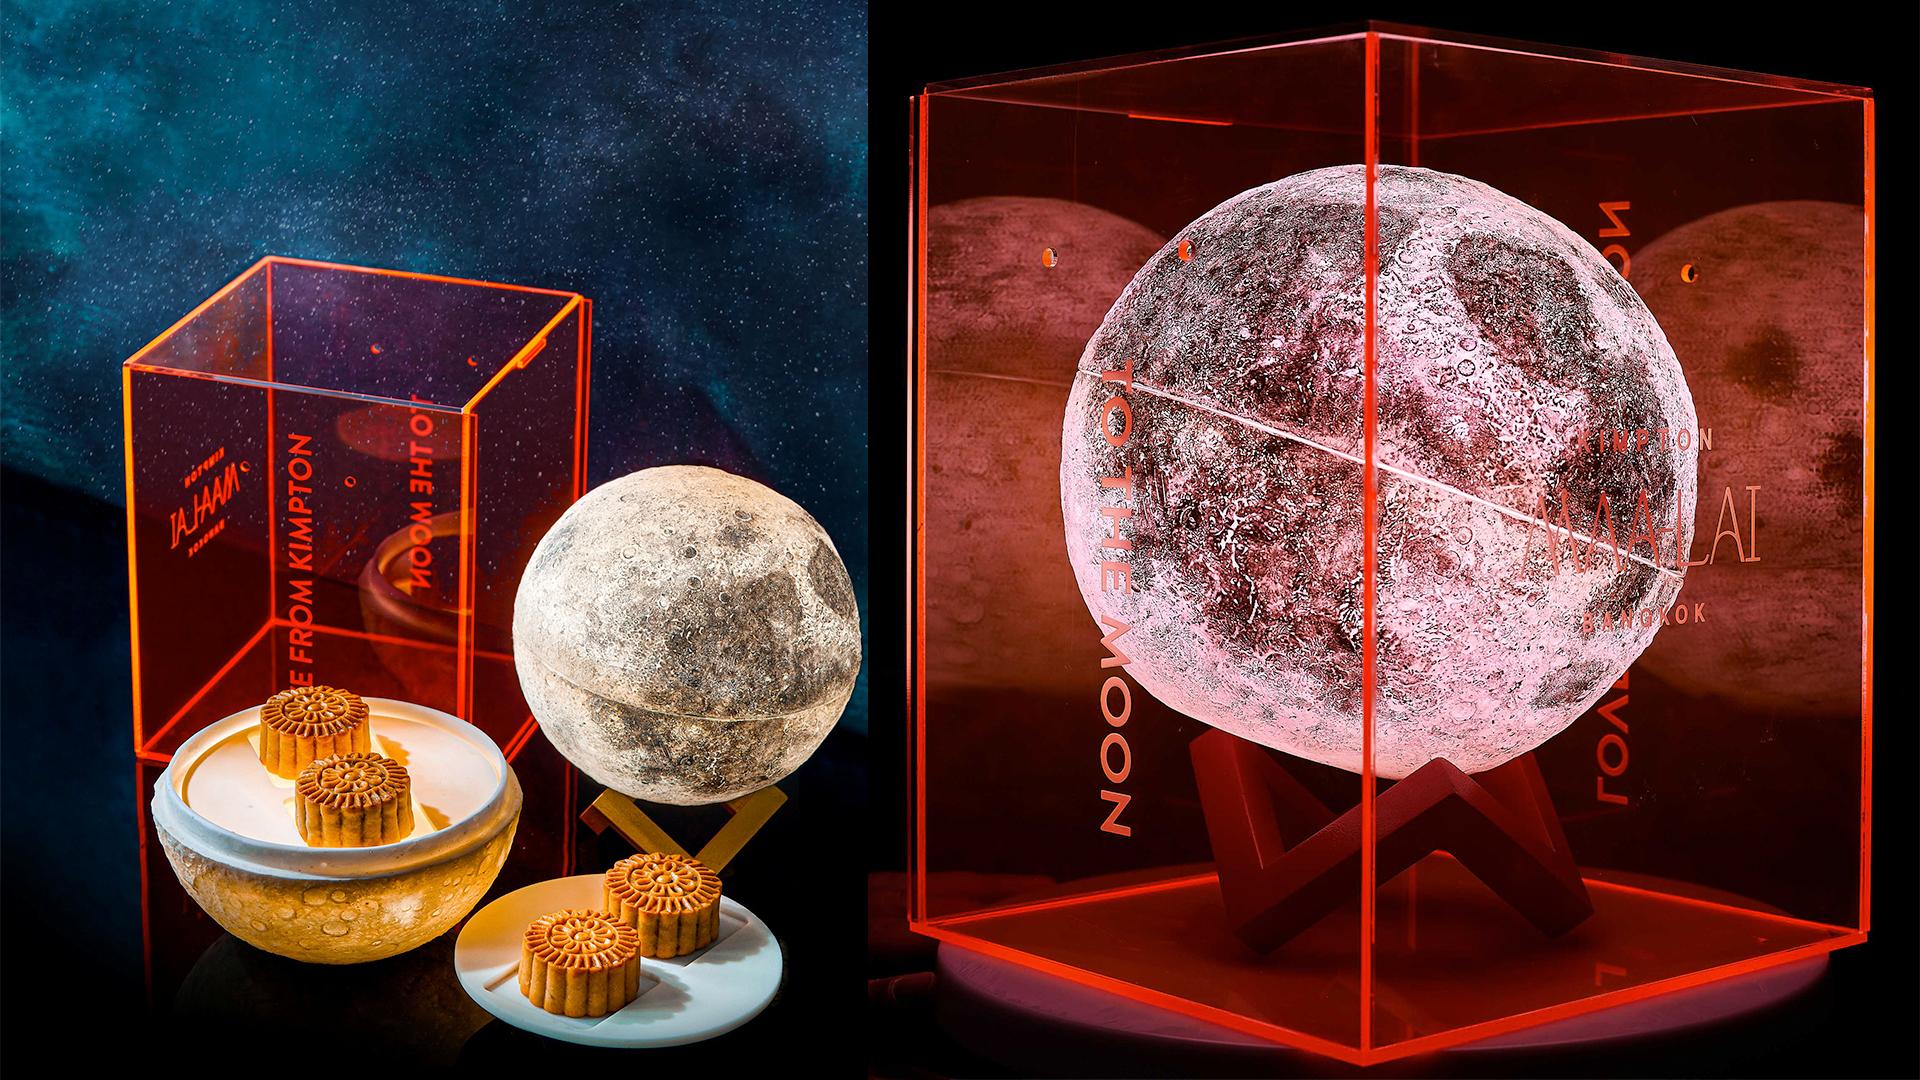 ขนมไหว้พระจันทร์ Moon Cake Kimpton Maa-Lai Bangkok Mid-Autumn Festival 2021